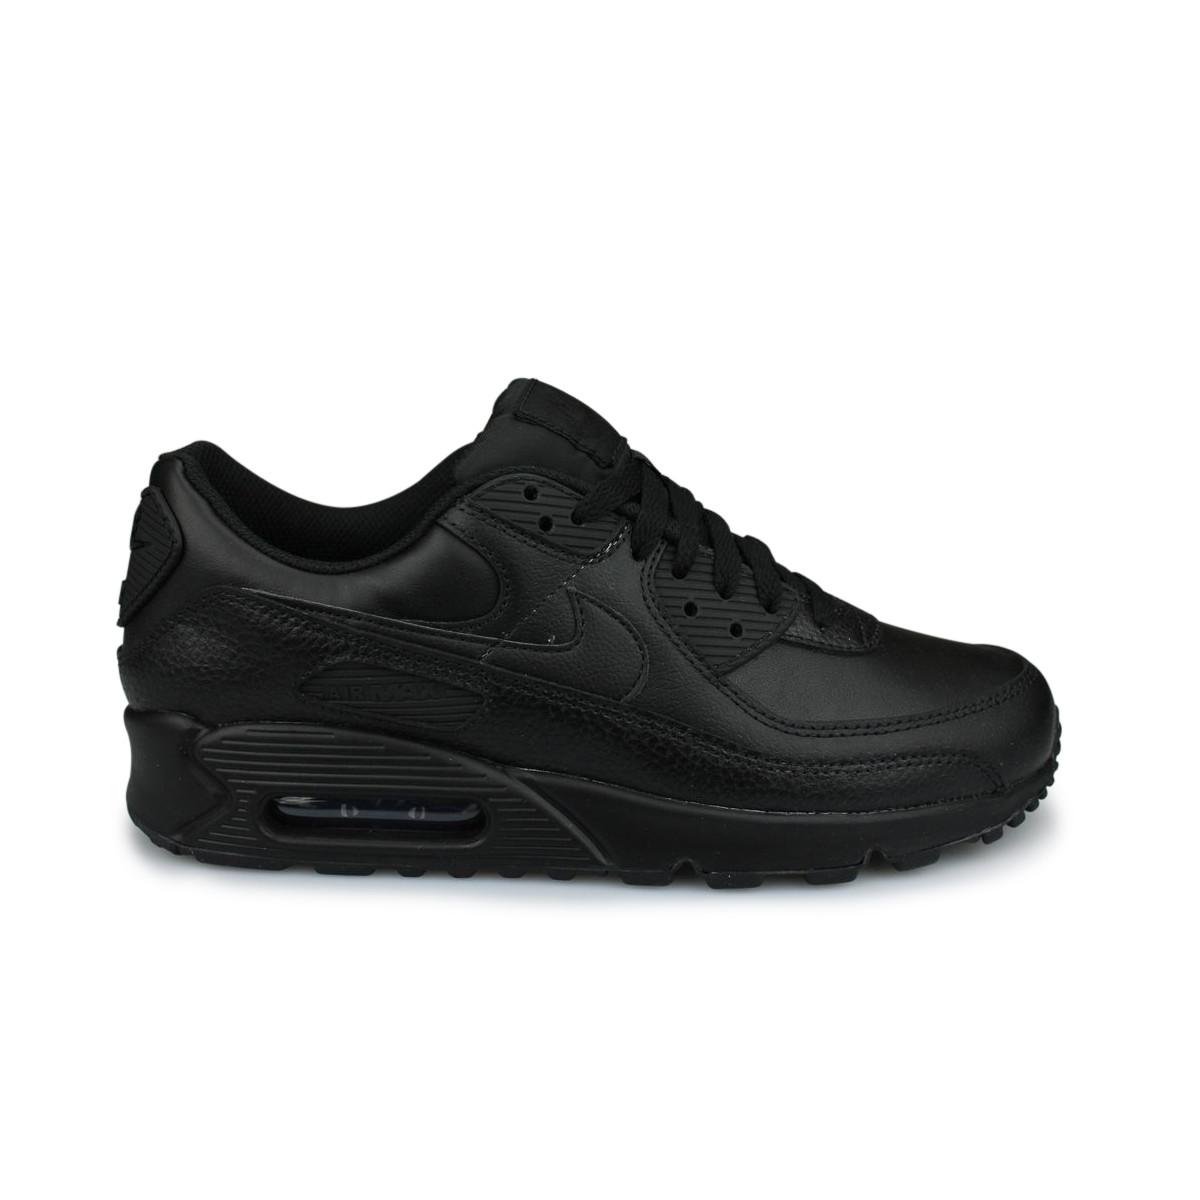 Nike Air Max 90 Cuir Noir Homme CZ5594-001 | Street Shoes Addict